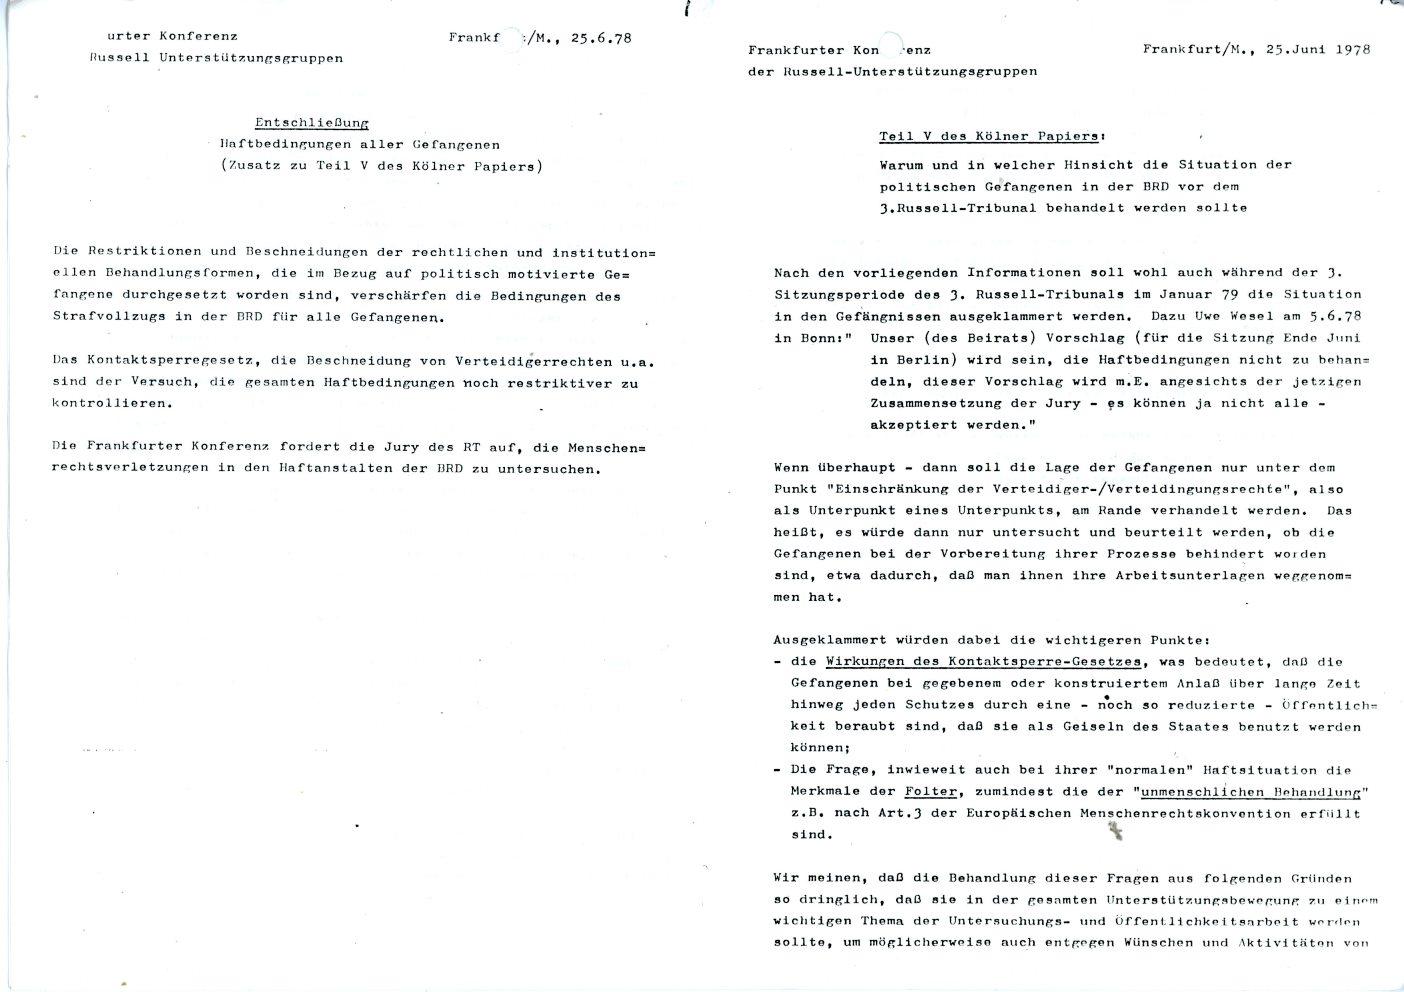 Frankfurt_Konferenz_der_Russell_Unterstuetzungsgruppen_19780624_19